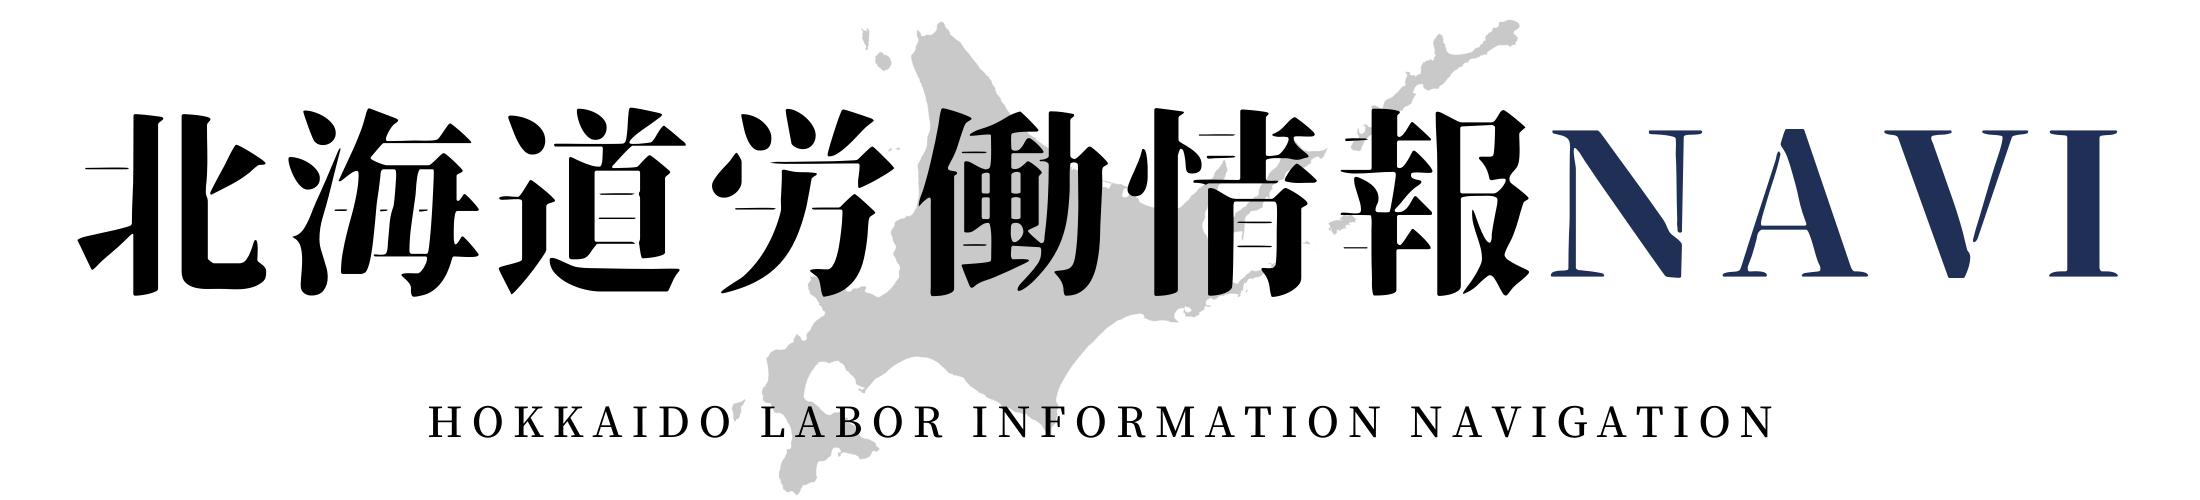 北海道労働情報NAVI